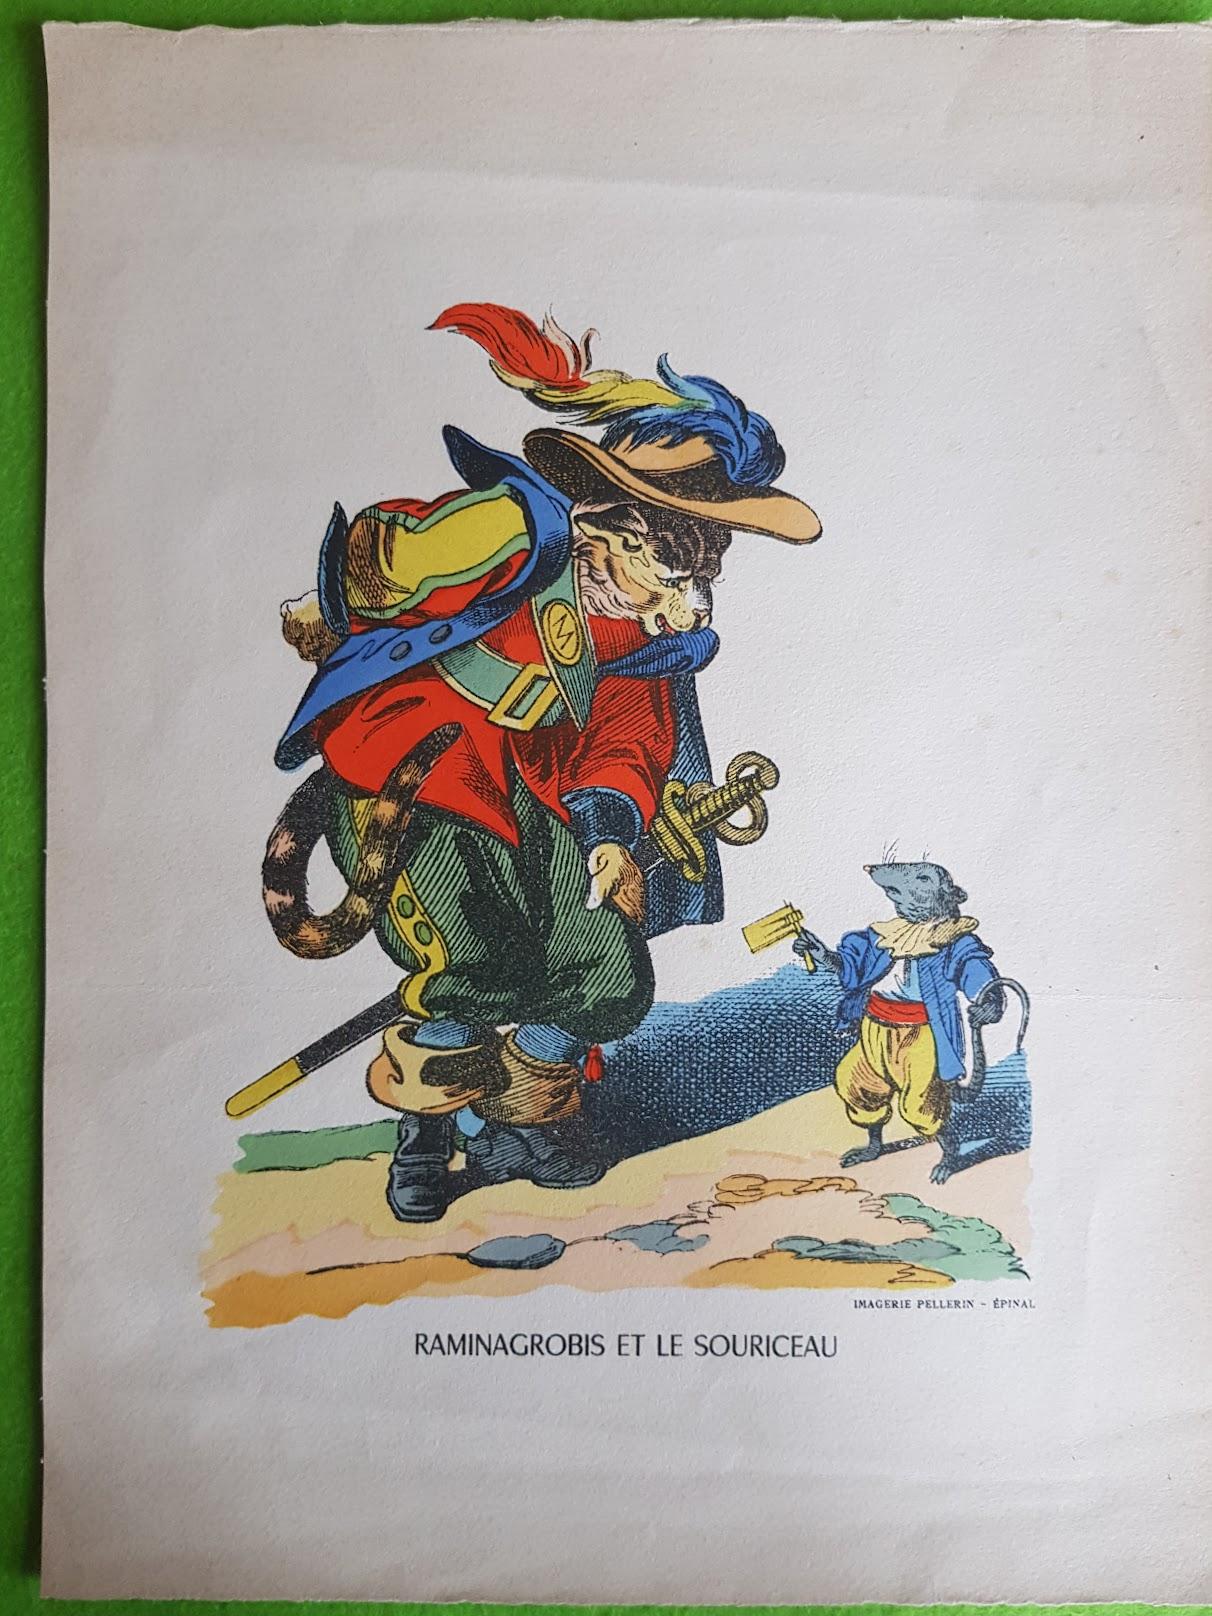 Raminagrobis - originale, kolorierte Lithographie aus der Imagerie Pellerin d'Épinal, 1870